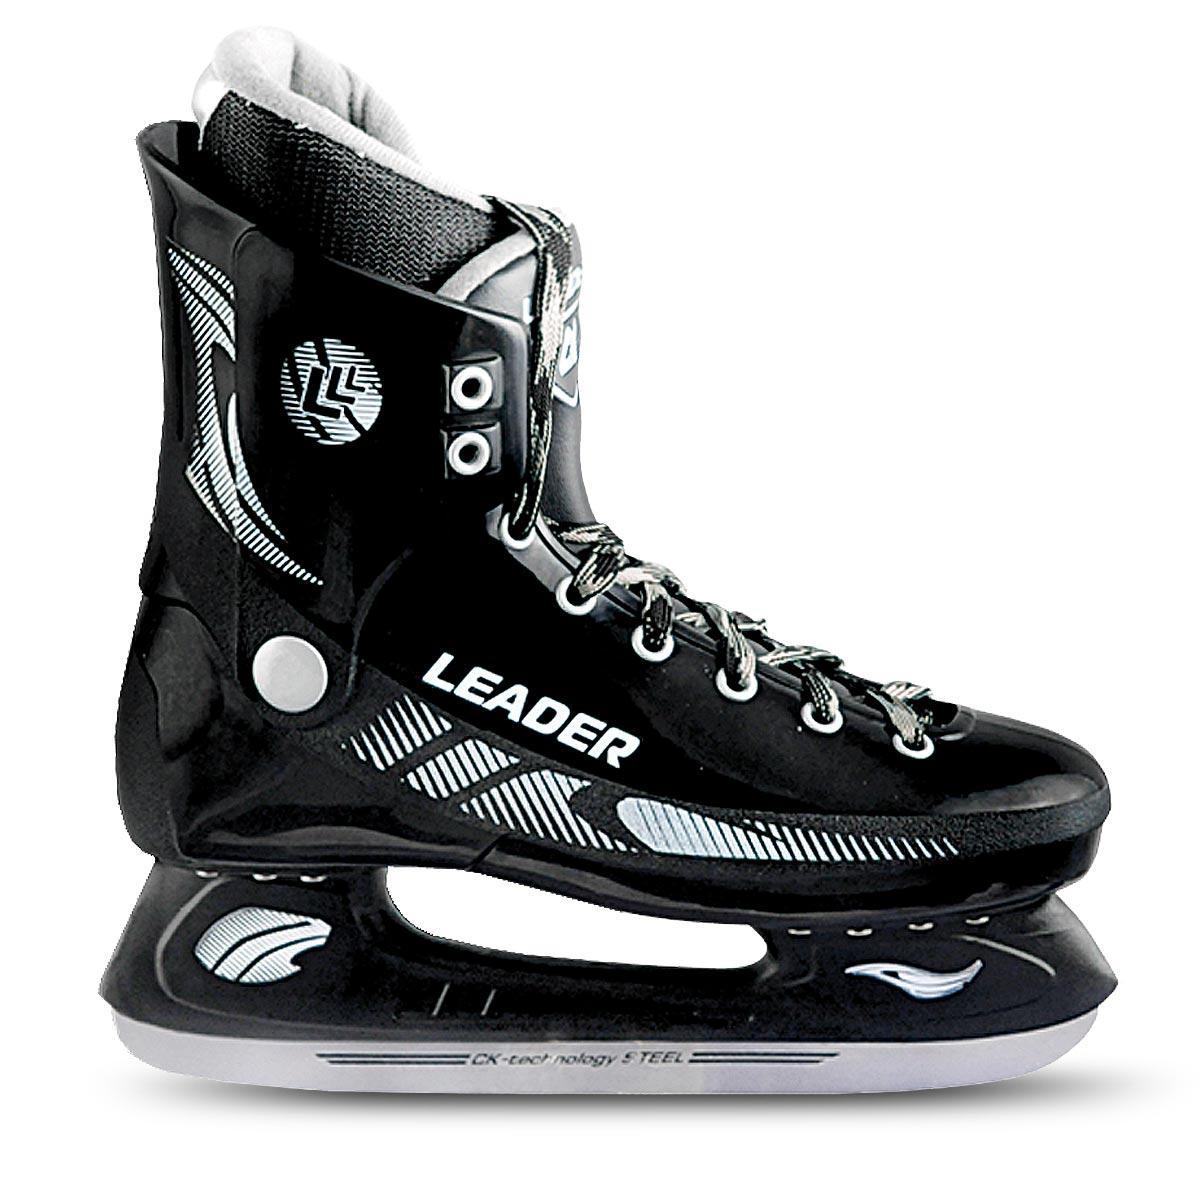 Коньки хоккейные для мальчика СК Leader, цвет: черный. Размер 33LeaderСтильные коньки для мальчика от CK Leader с ударопрочной защитной конструкцией прекрасно подойдут для начинающих игроков в хоккей. Ботинки изготовлены из морозостойкого пластика, который защитит ноги от ударов. Верх изделия оформлен шнуровкой, которая надежно фиксируют голеностоп. Внутренний сапожок, выполненный из комбинации капровелюра и искусственной кожи, обеспечит тепло и комфорт во время катания. Подкладка и стелька исполнены из текстиля. Голеностоп имеет удобный суппорт. Усиленная двух-стаканная рама с одной из боковых сторон коньки декорирована принтом, а на язычке - тиснением в виде логотипа бренда.Подошва - из твердого ПВХ. Фигурное лезвие изготовлено из нержавеющей углеродистой стали со специальным покрытием, придающим дополнительную прочность. Стильные коньки придутся по душе вашему ребенку.